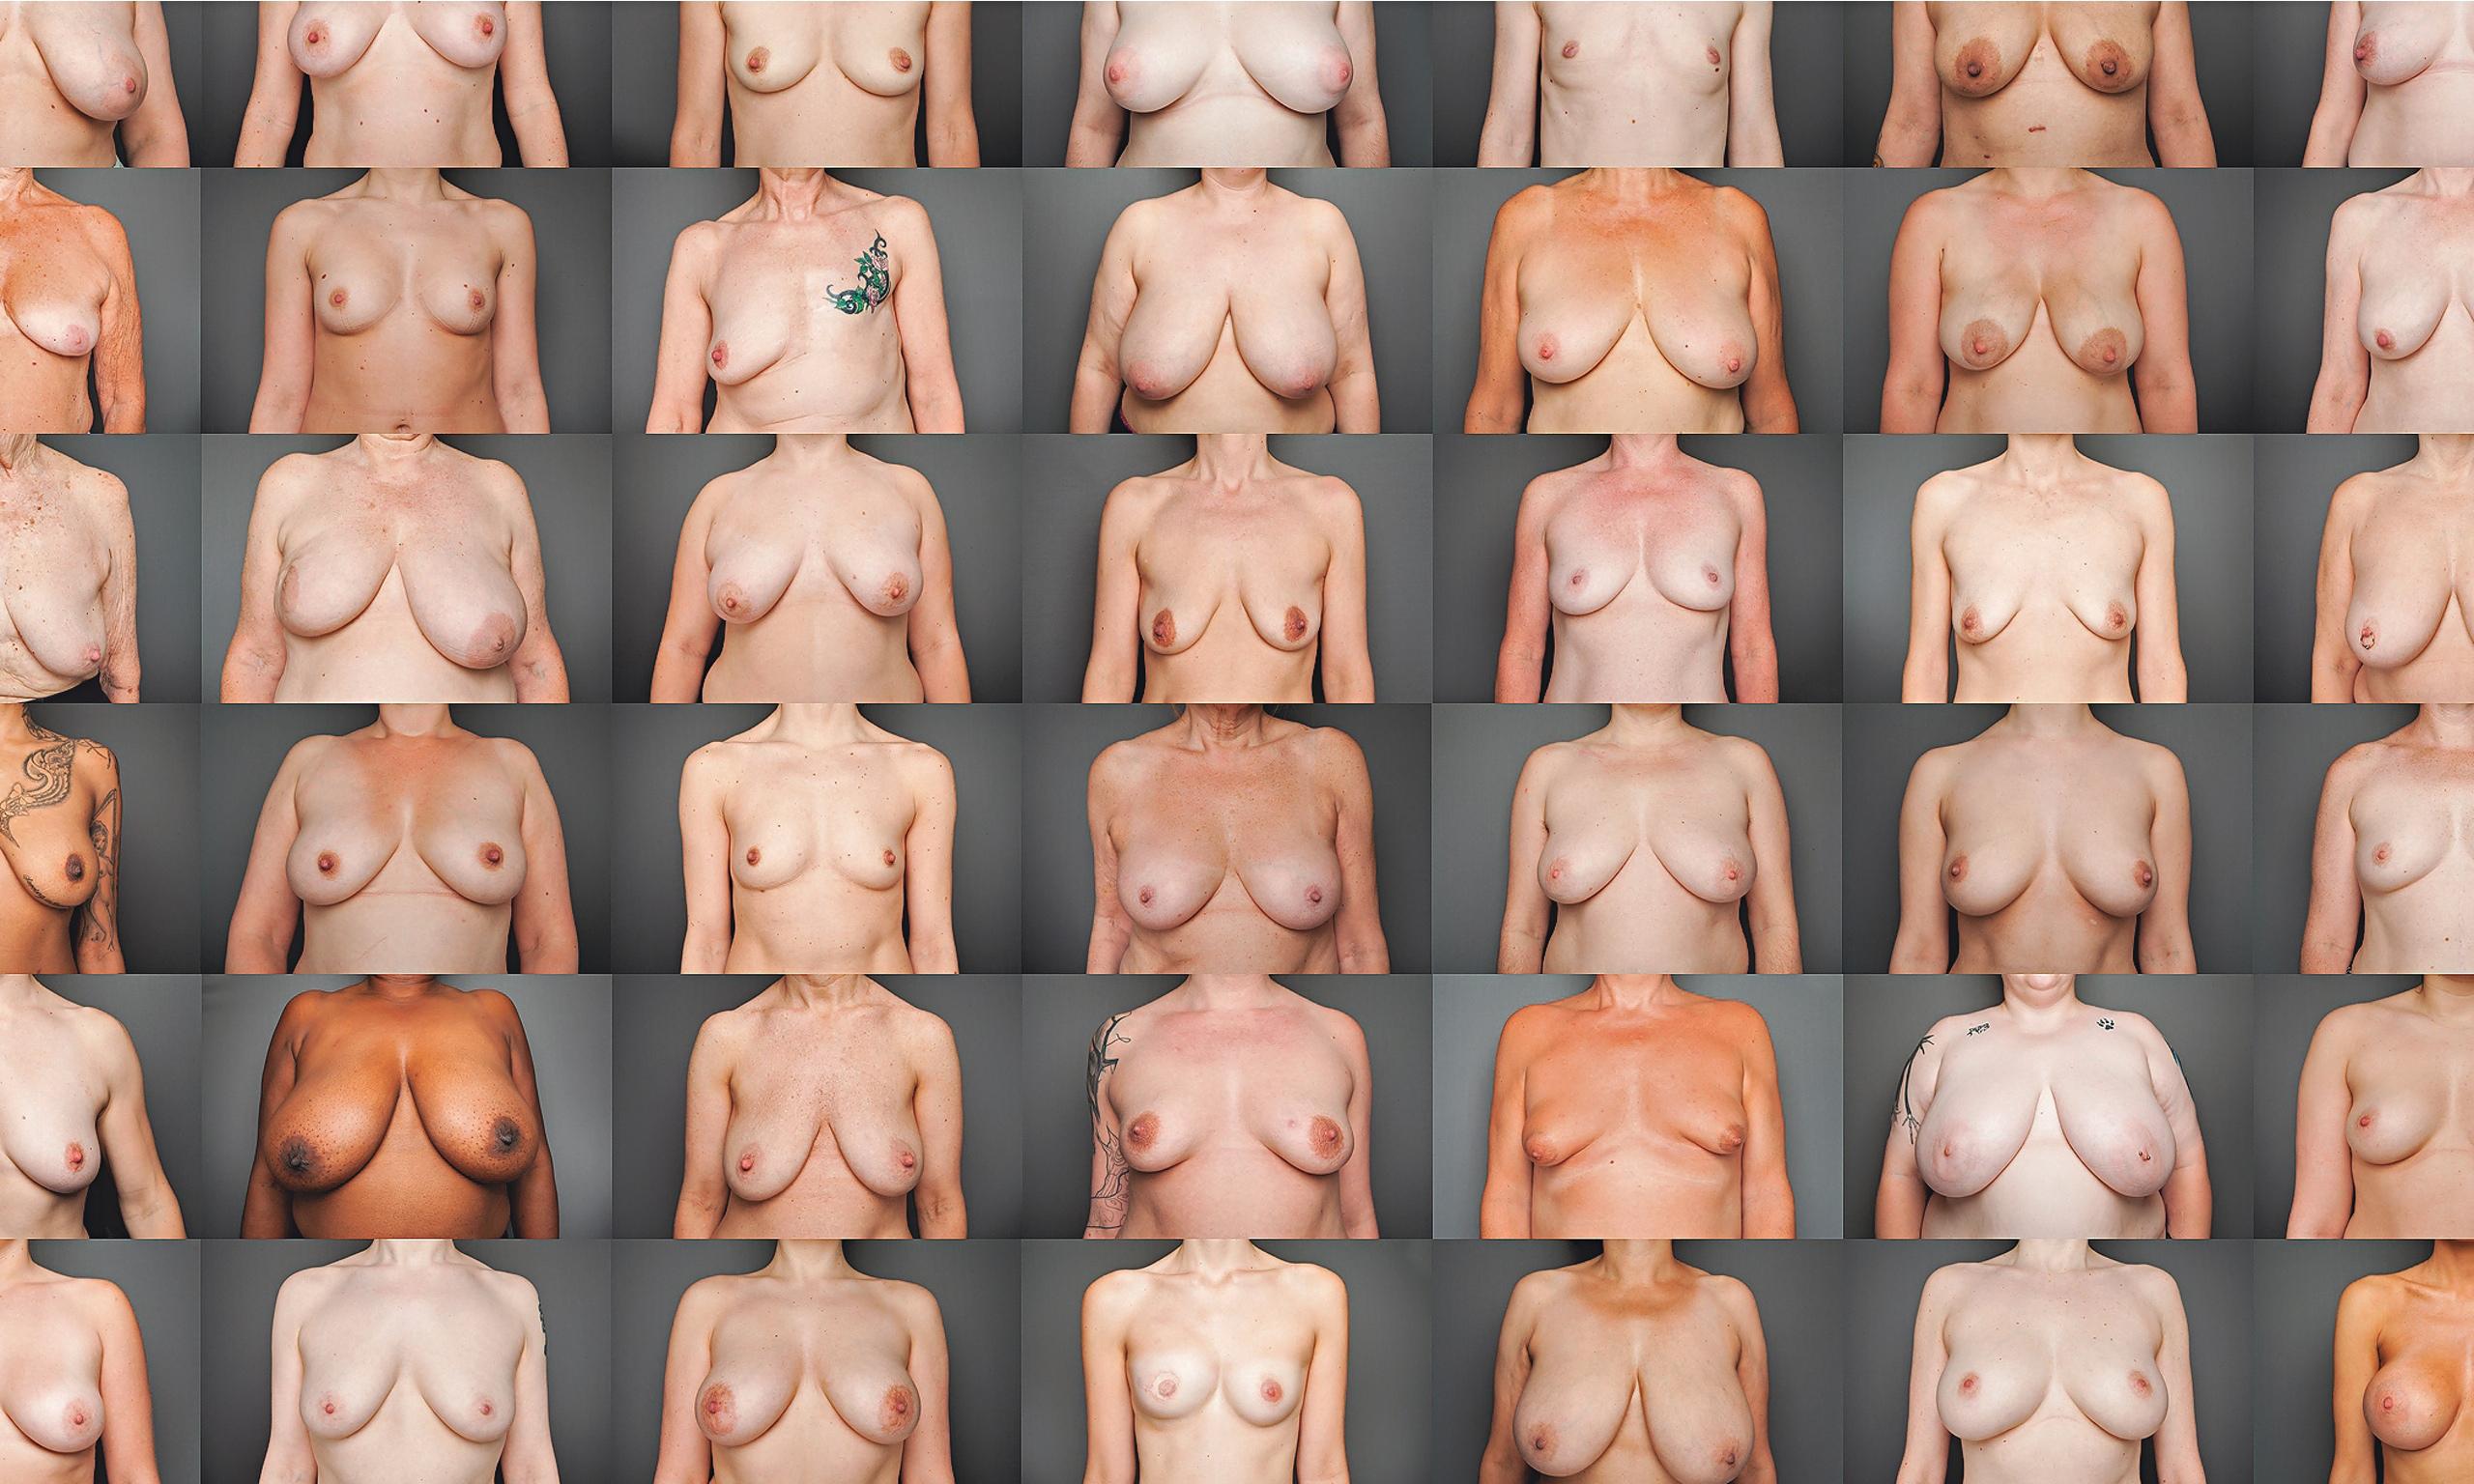 сиськи разных размеров порно - 10